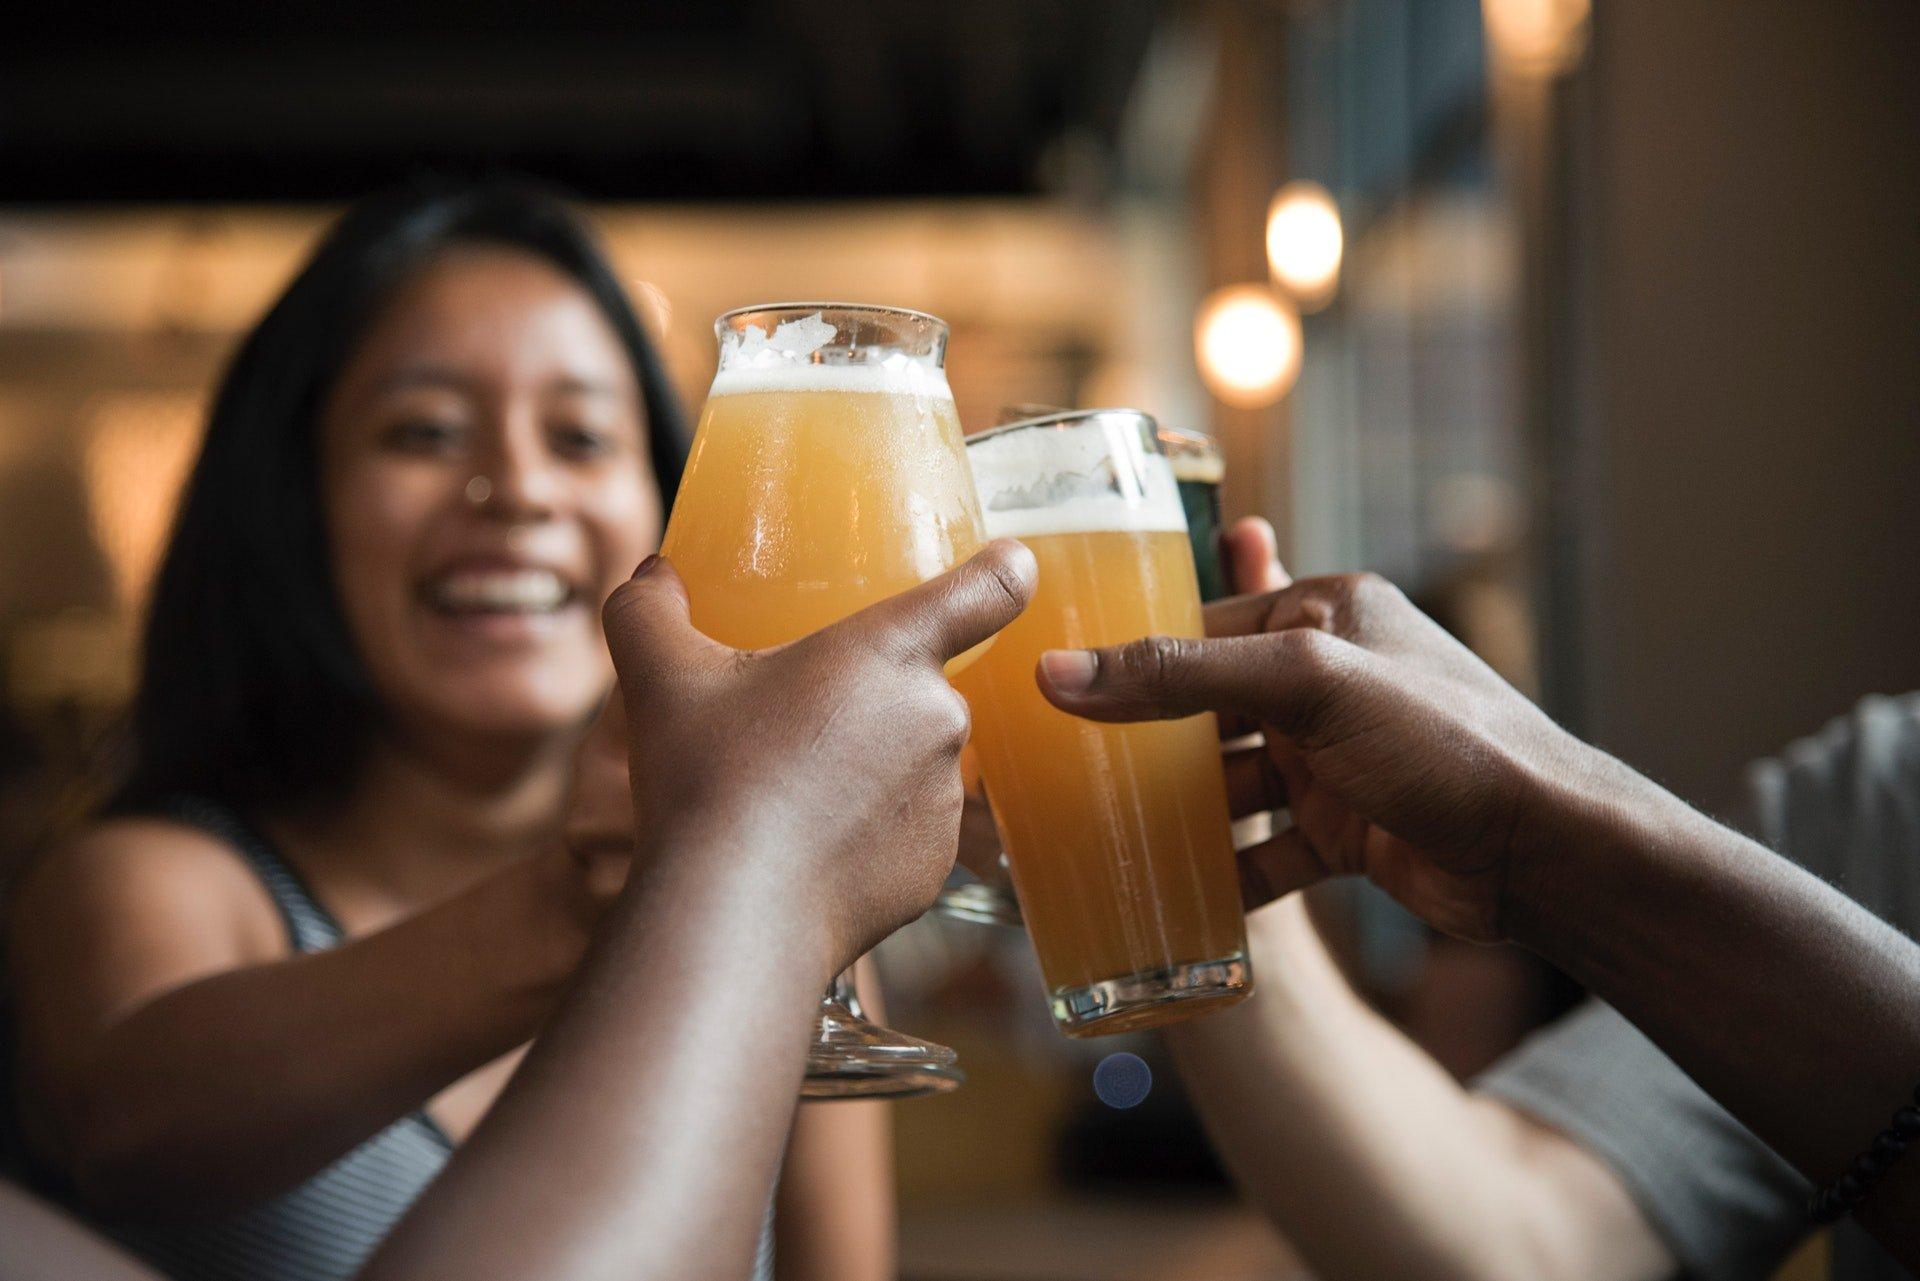 Pessoas brindando com copos de cerveja.